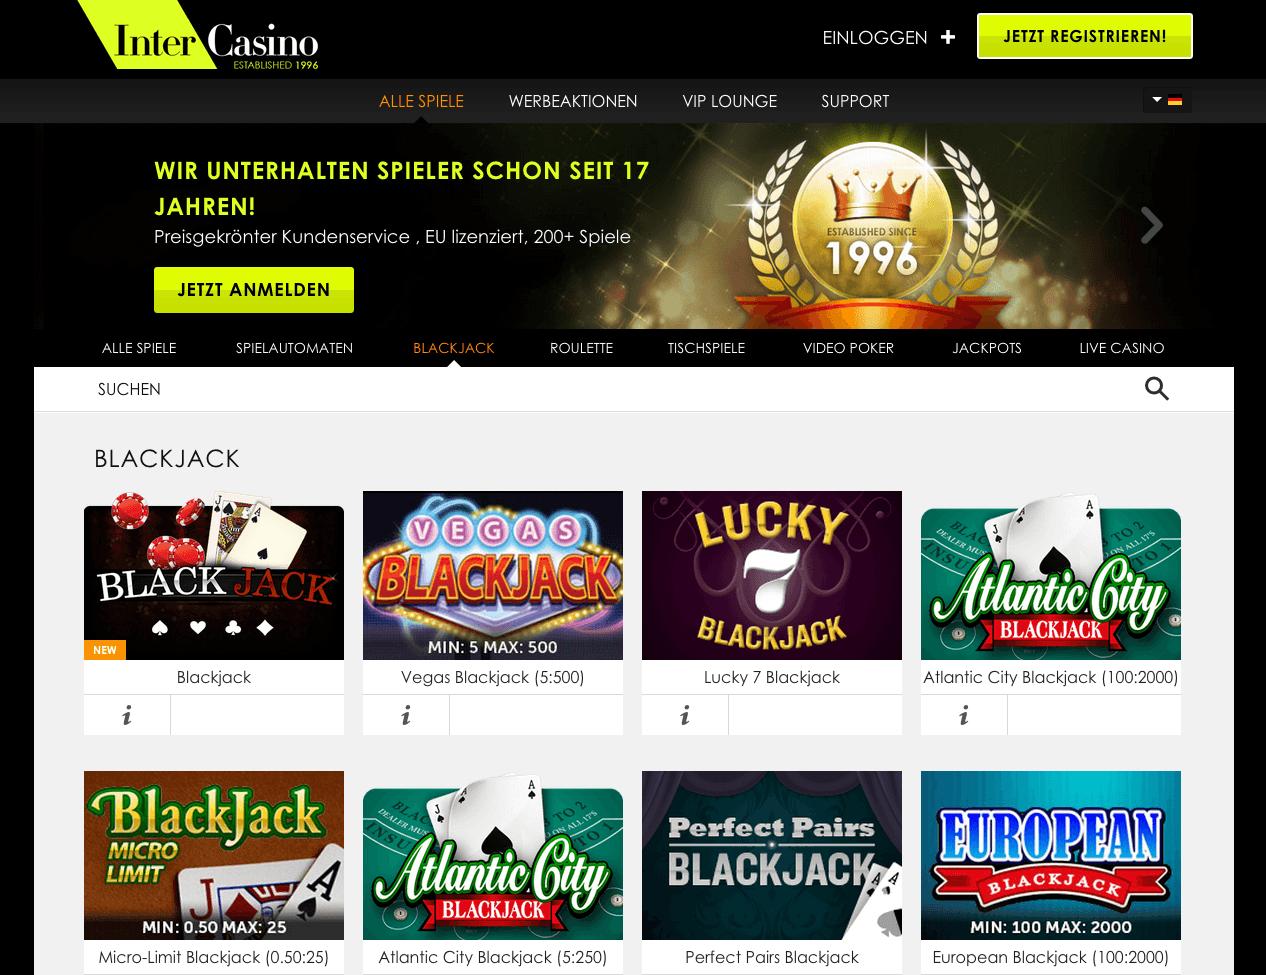 888 online casino spielen spielen kostenlos